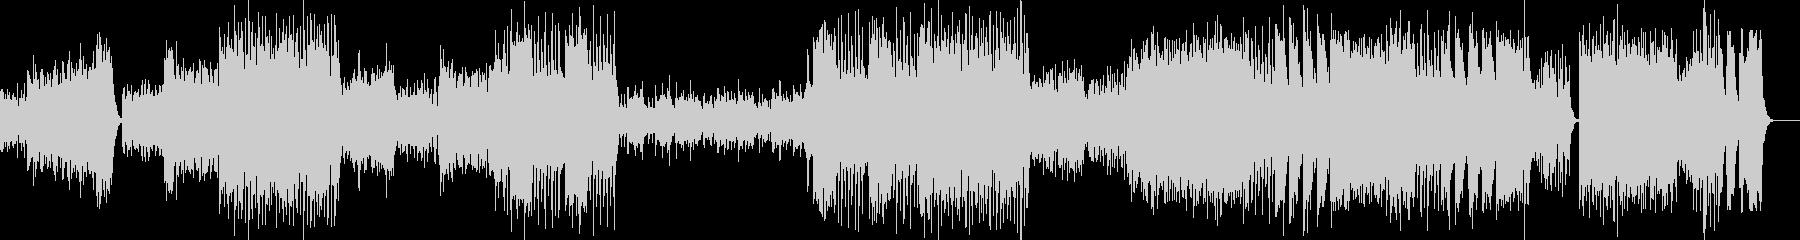 ウイリアムテル序曲の未再生の波形